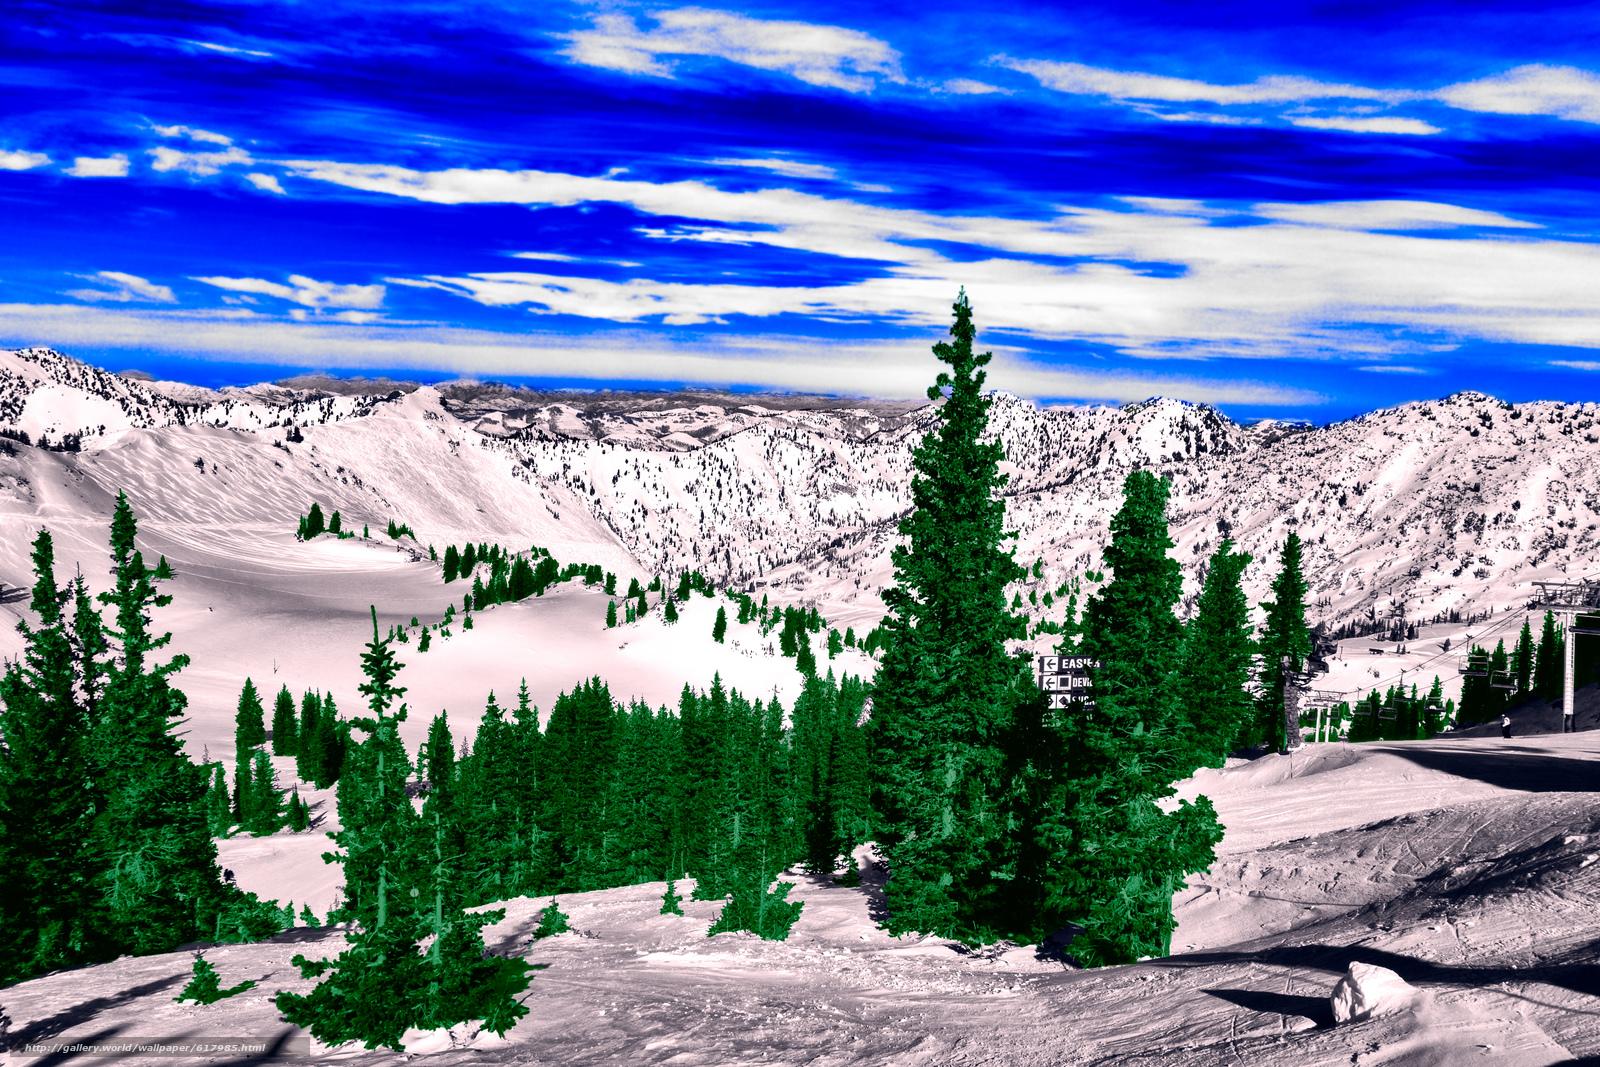 壁紙をダウンロード 冬,  山脈,  木,  風景 デスクトップの解像度のための無料壁紙 4931x3288 — 絵 №617985